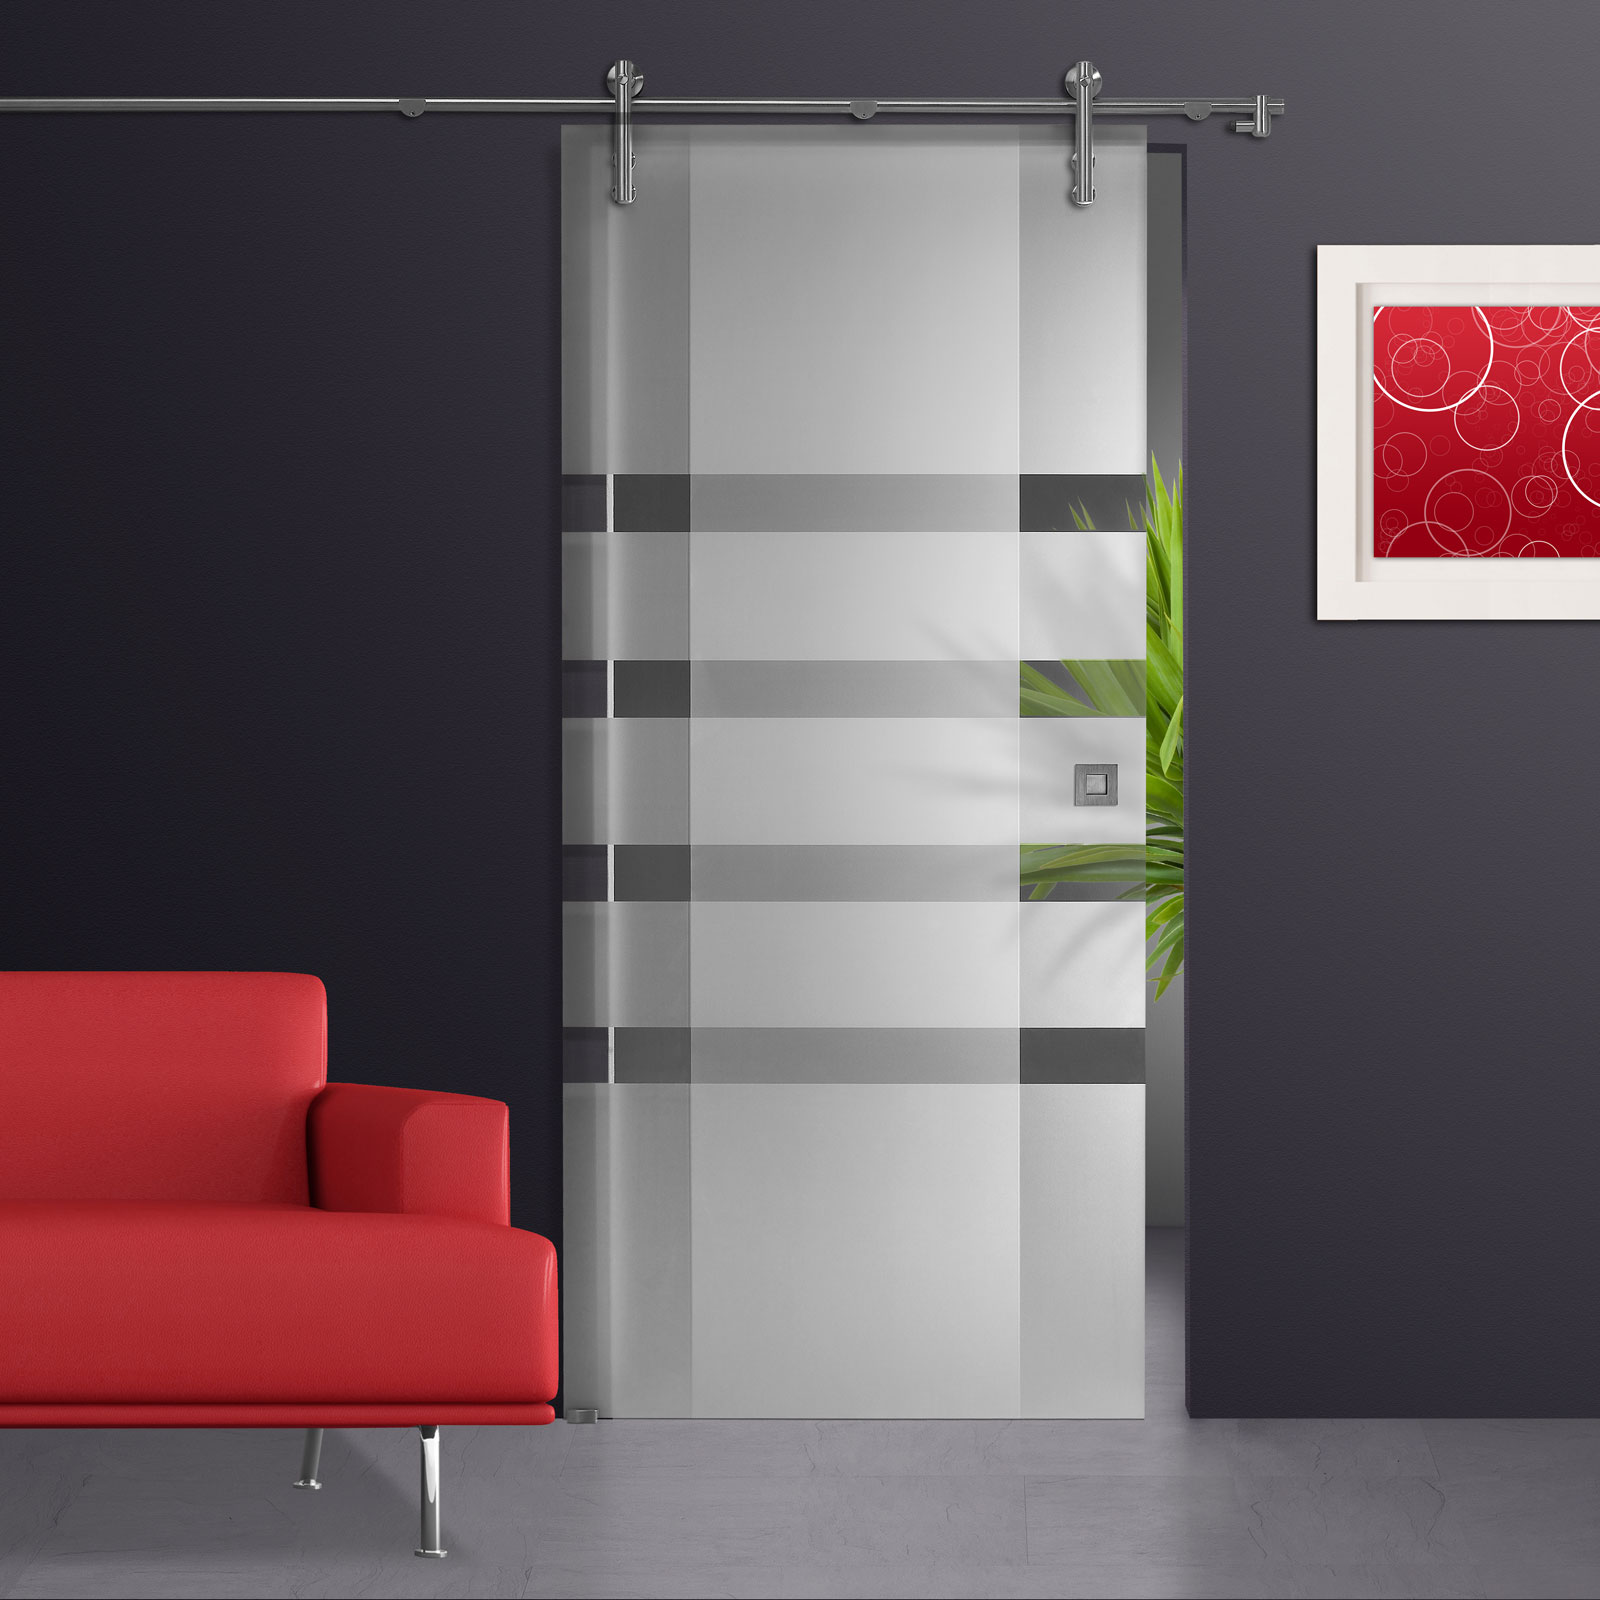 glasschiebet r klarglas mit dekor beidseitig s900 ebay. Black Bedroom Furniture Sets. Home Design Ideas